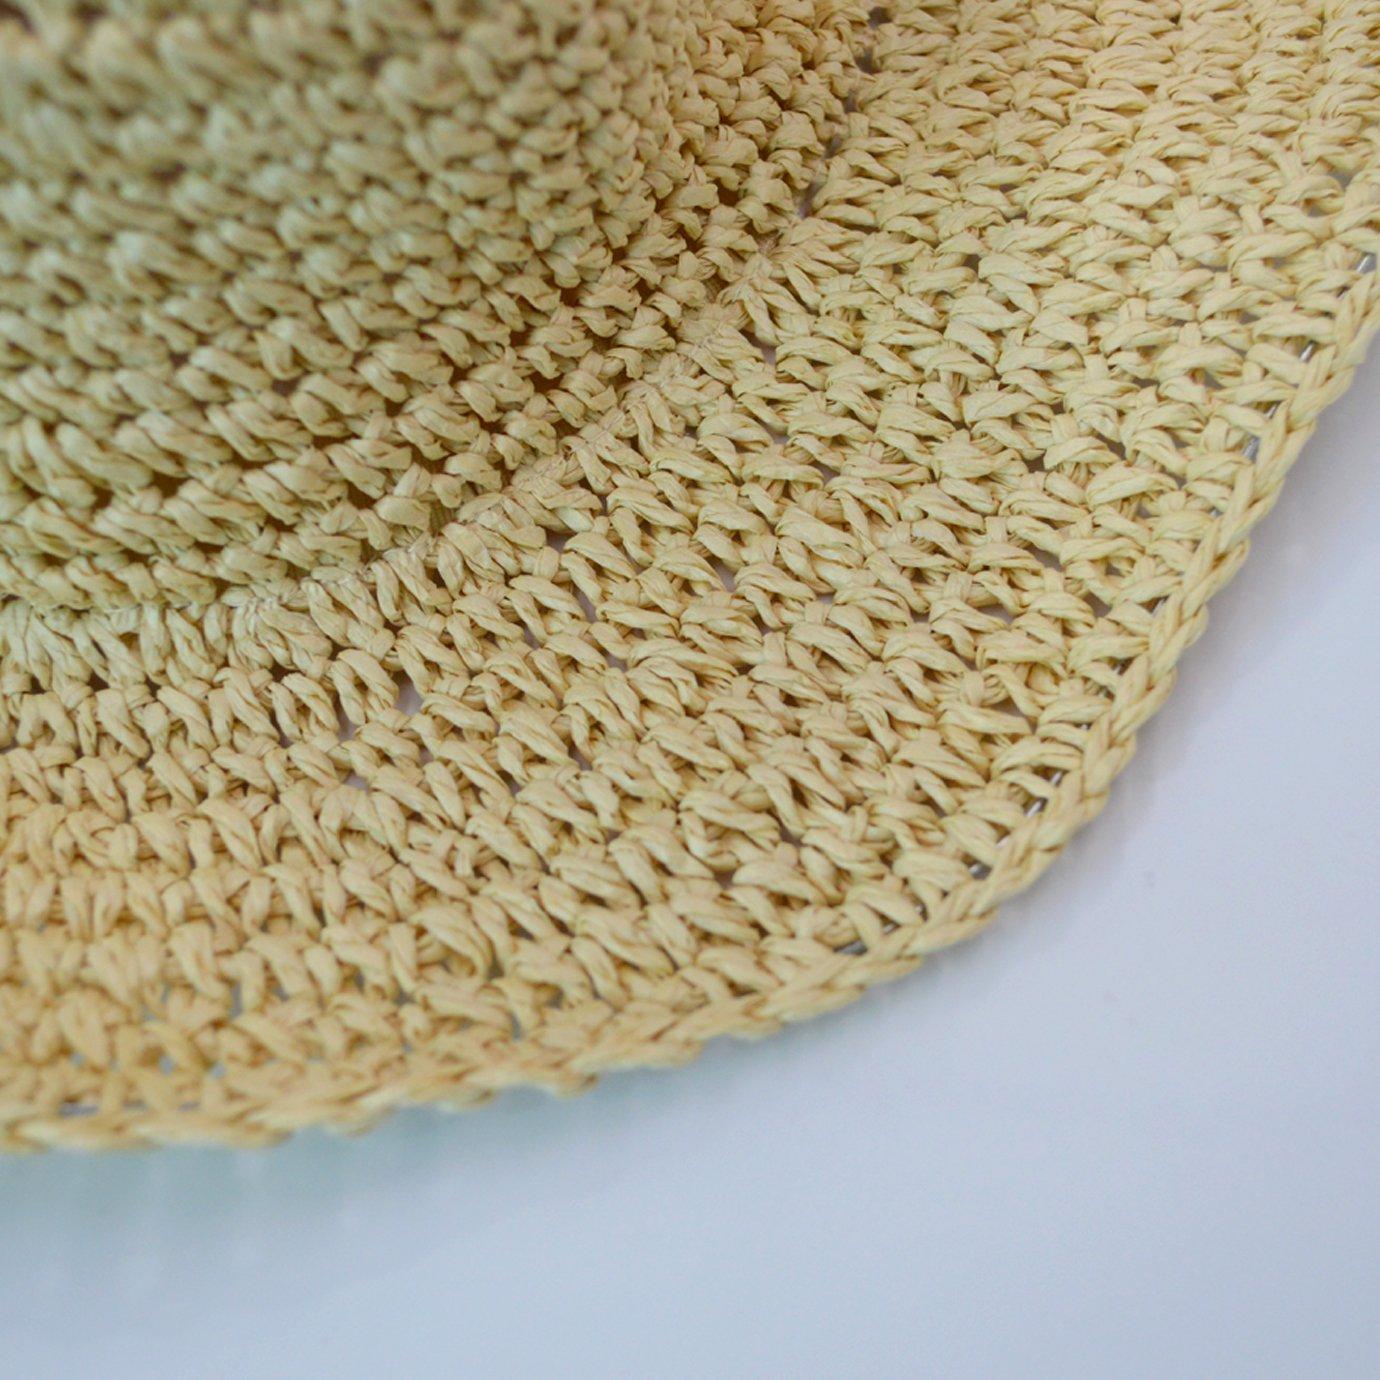 Monique Kids Sharp Pointed Straw Sunhat Beach Sun Hat Sun Cap Halloween Spire Witch Hat